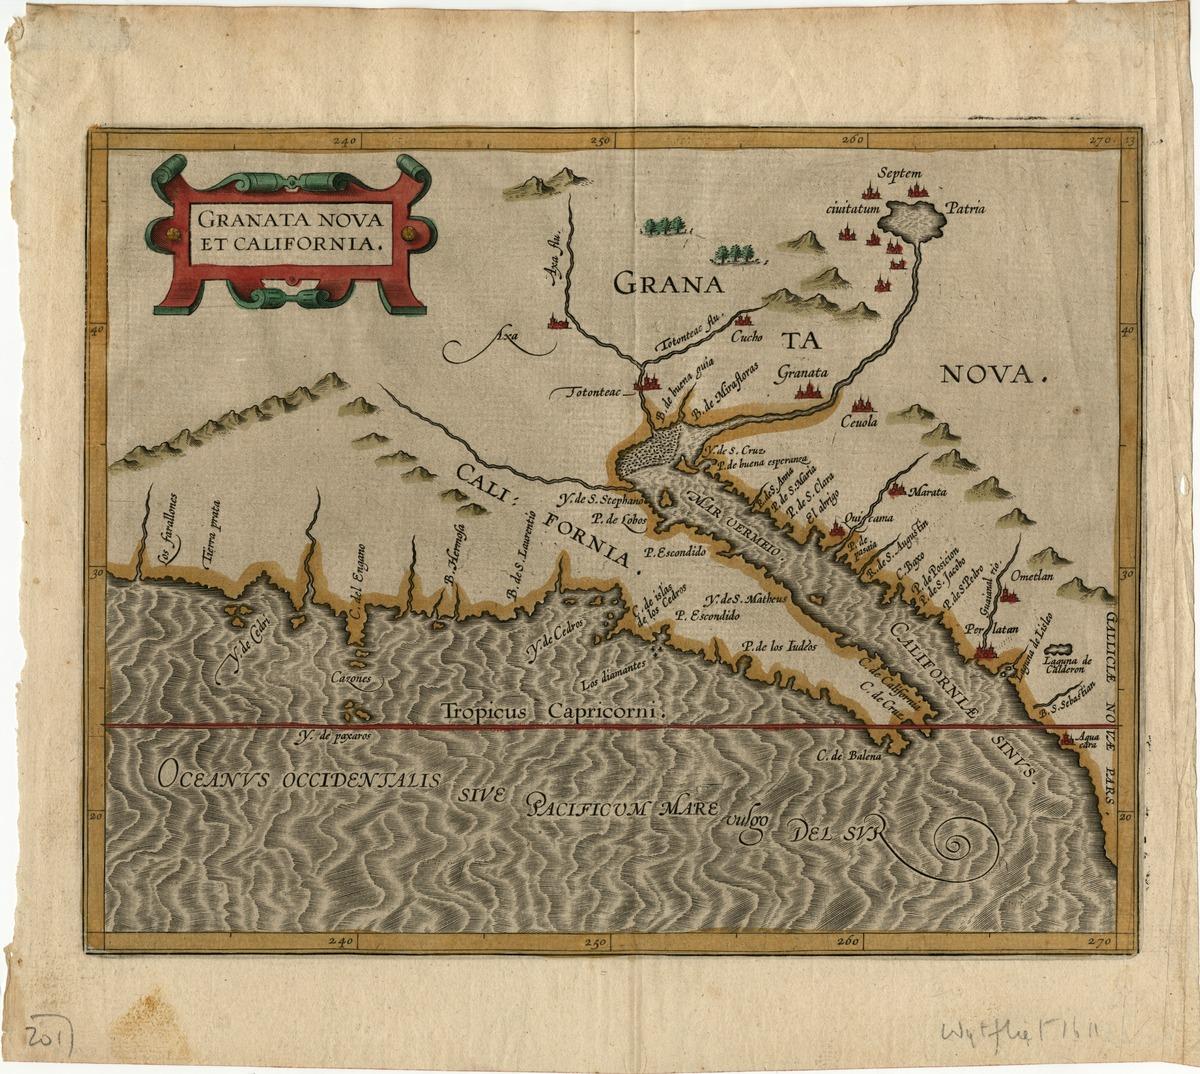 Granata Nova et California